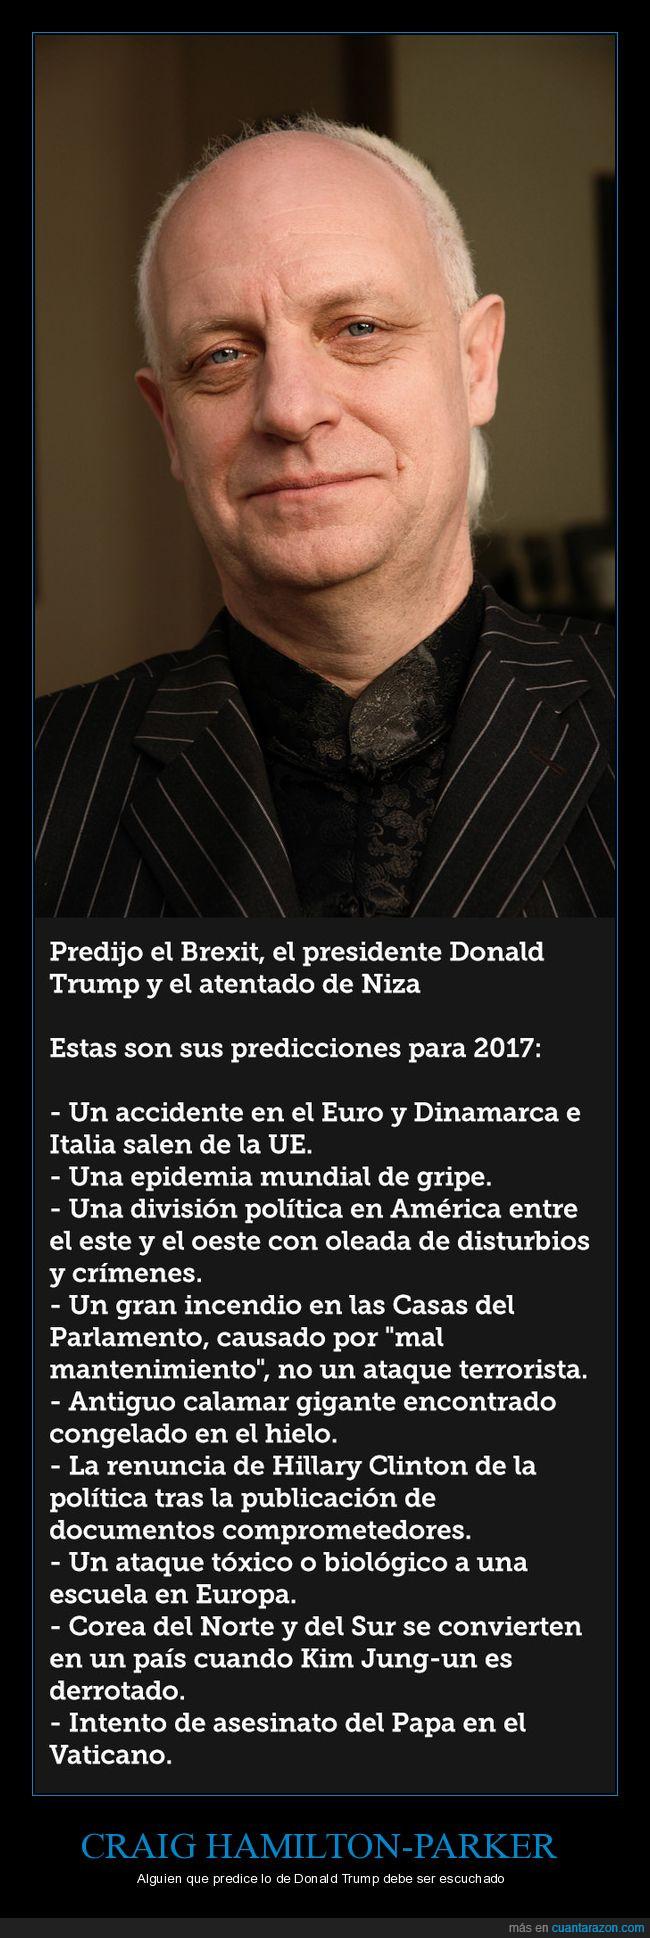 2017,Craig Hamilton-Parker,predicciones